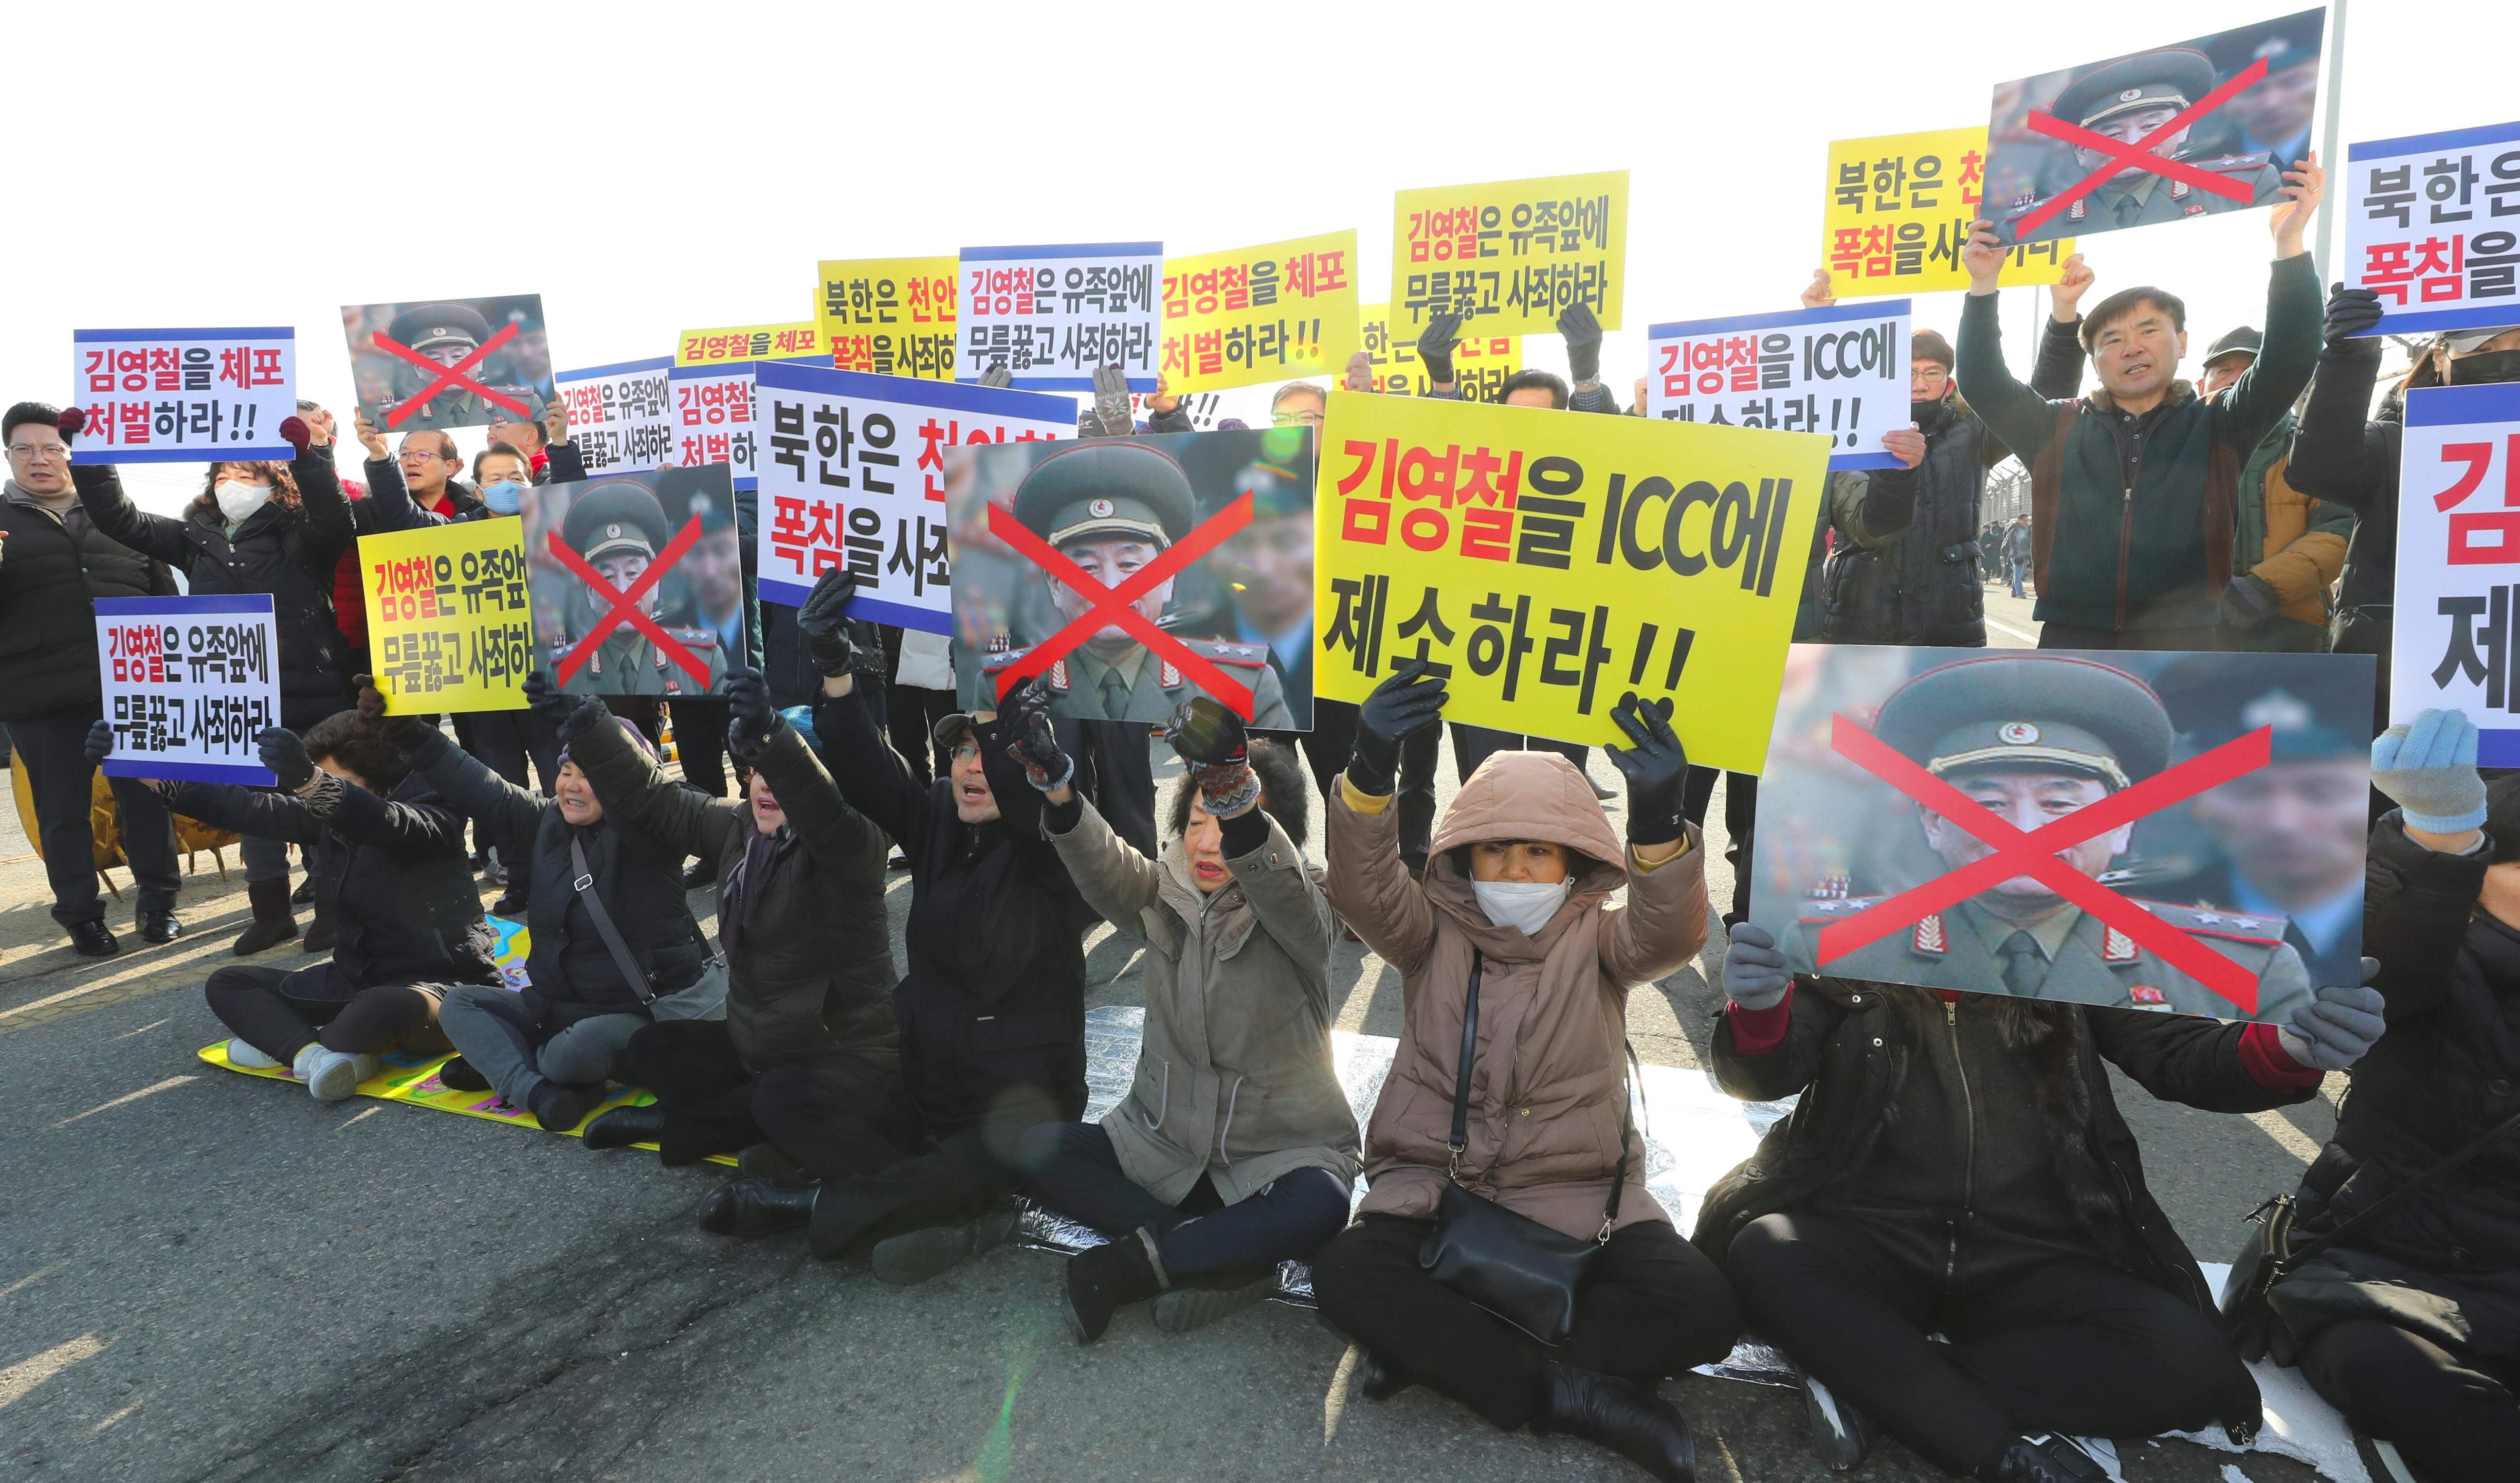 مظاهرات تستقبل الوفد الكورى فى سول